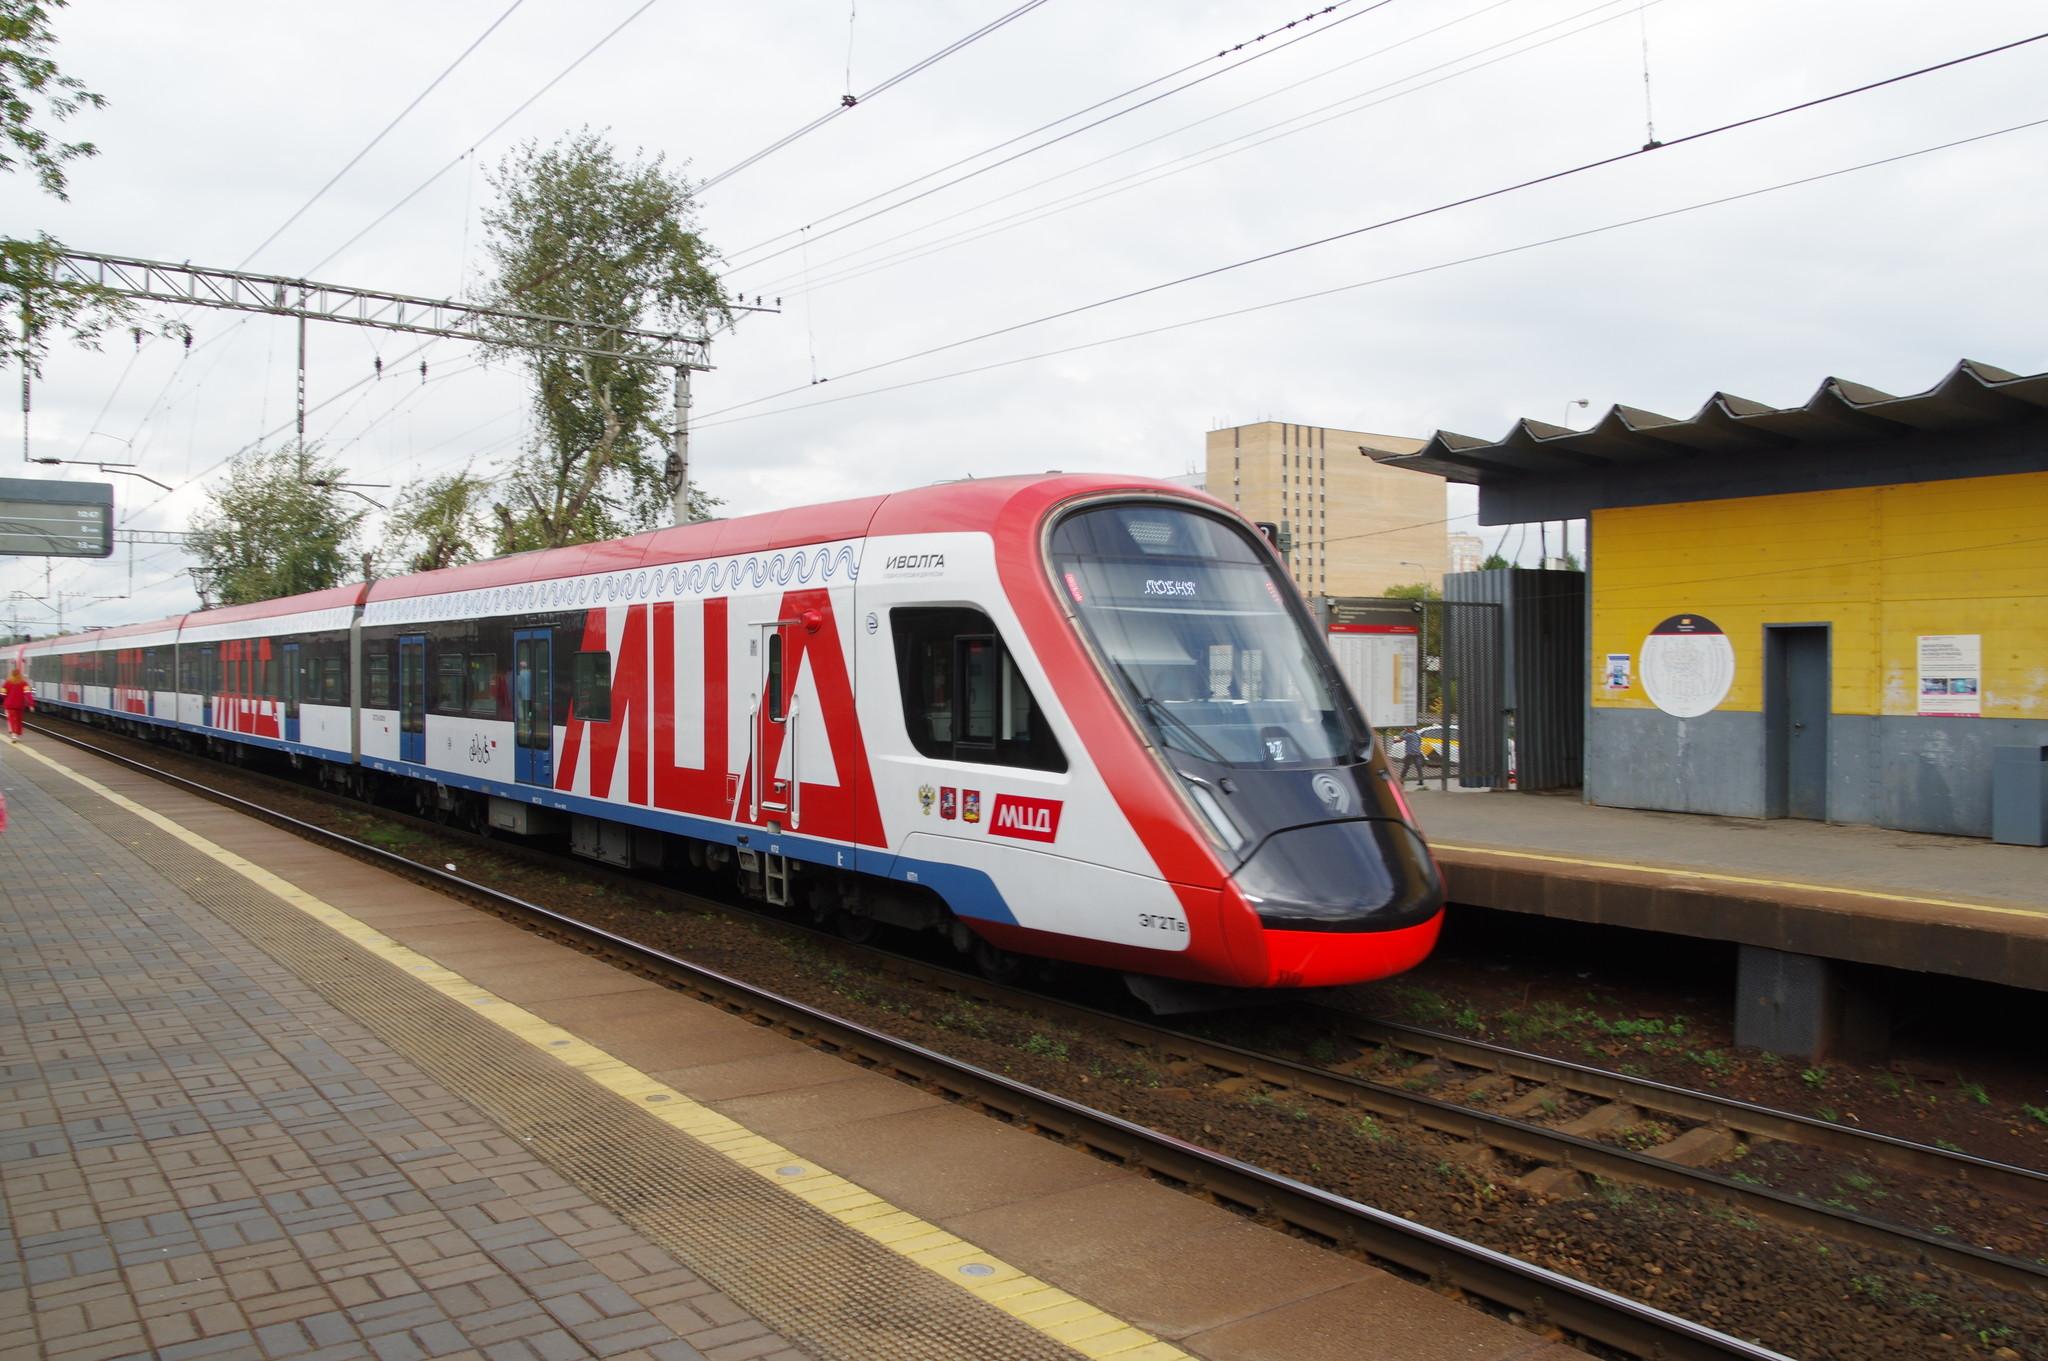 Электропоезд ЭГ2Тв «Иволга» - электропоезд нового поколения, созданный специально для городских перевозок